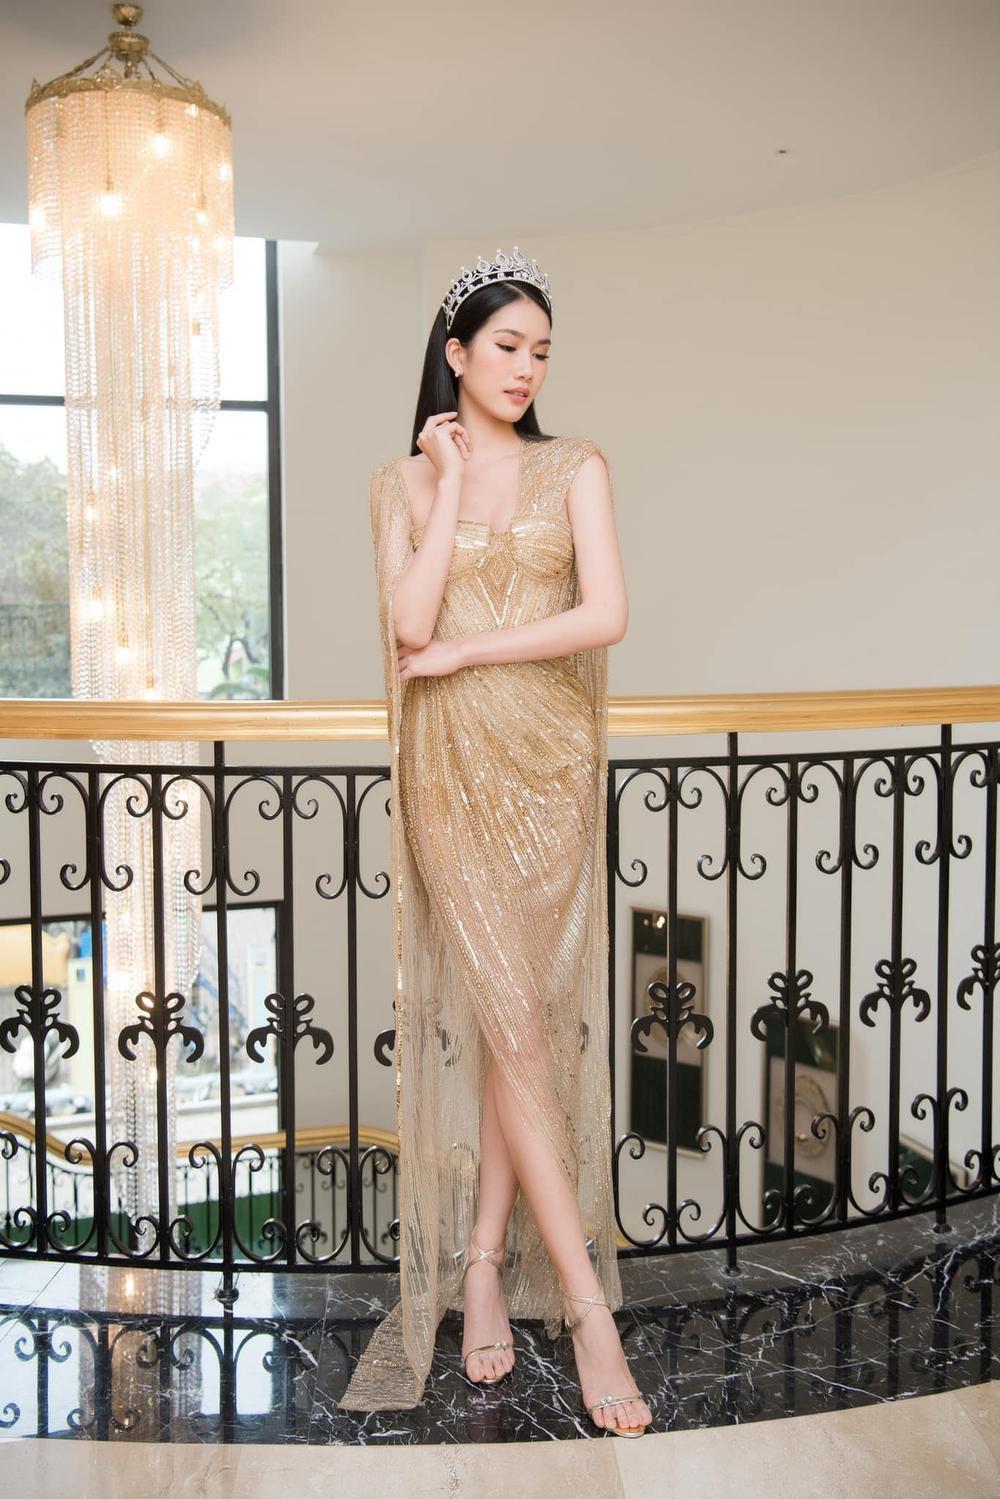 Á hậu Phương Anh đẹp vượt mặt chị đại Thanh Hằng dù đã sửa kết cấu váy, bộ đầm tạo kỉ lục mới! Ảnh 2